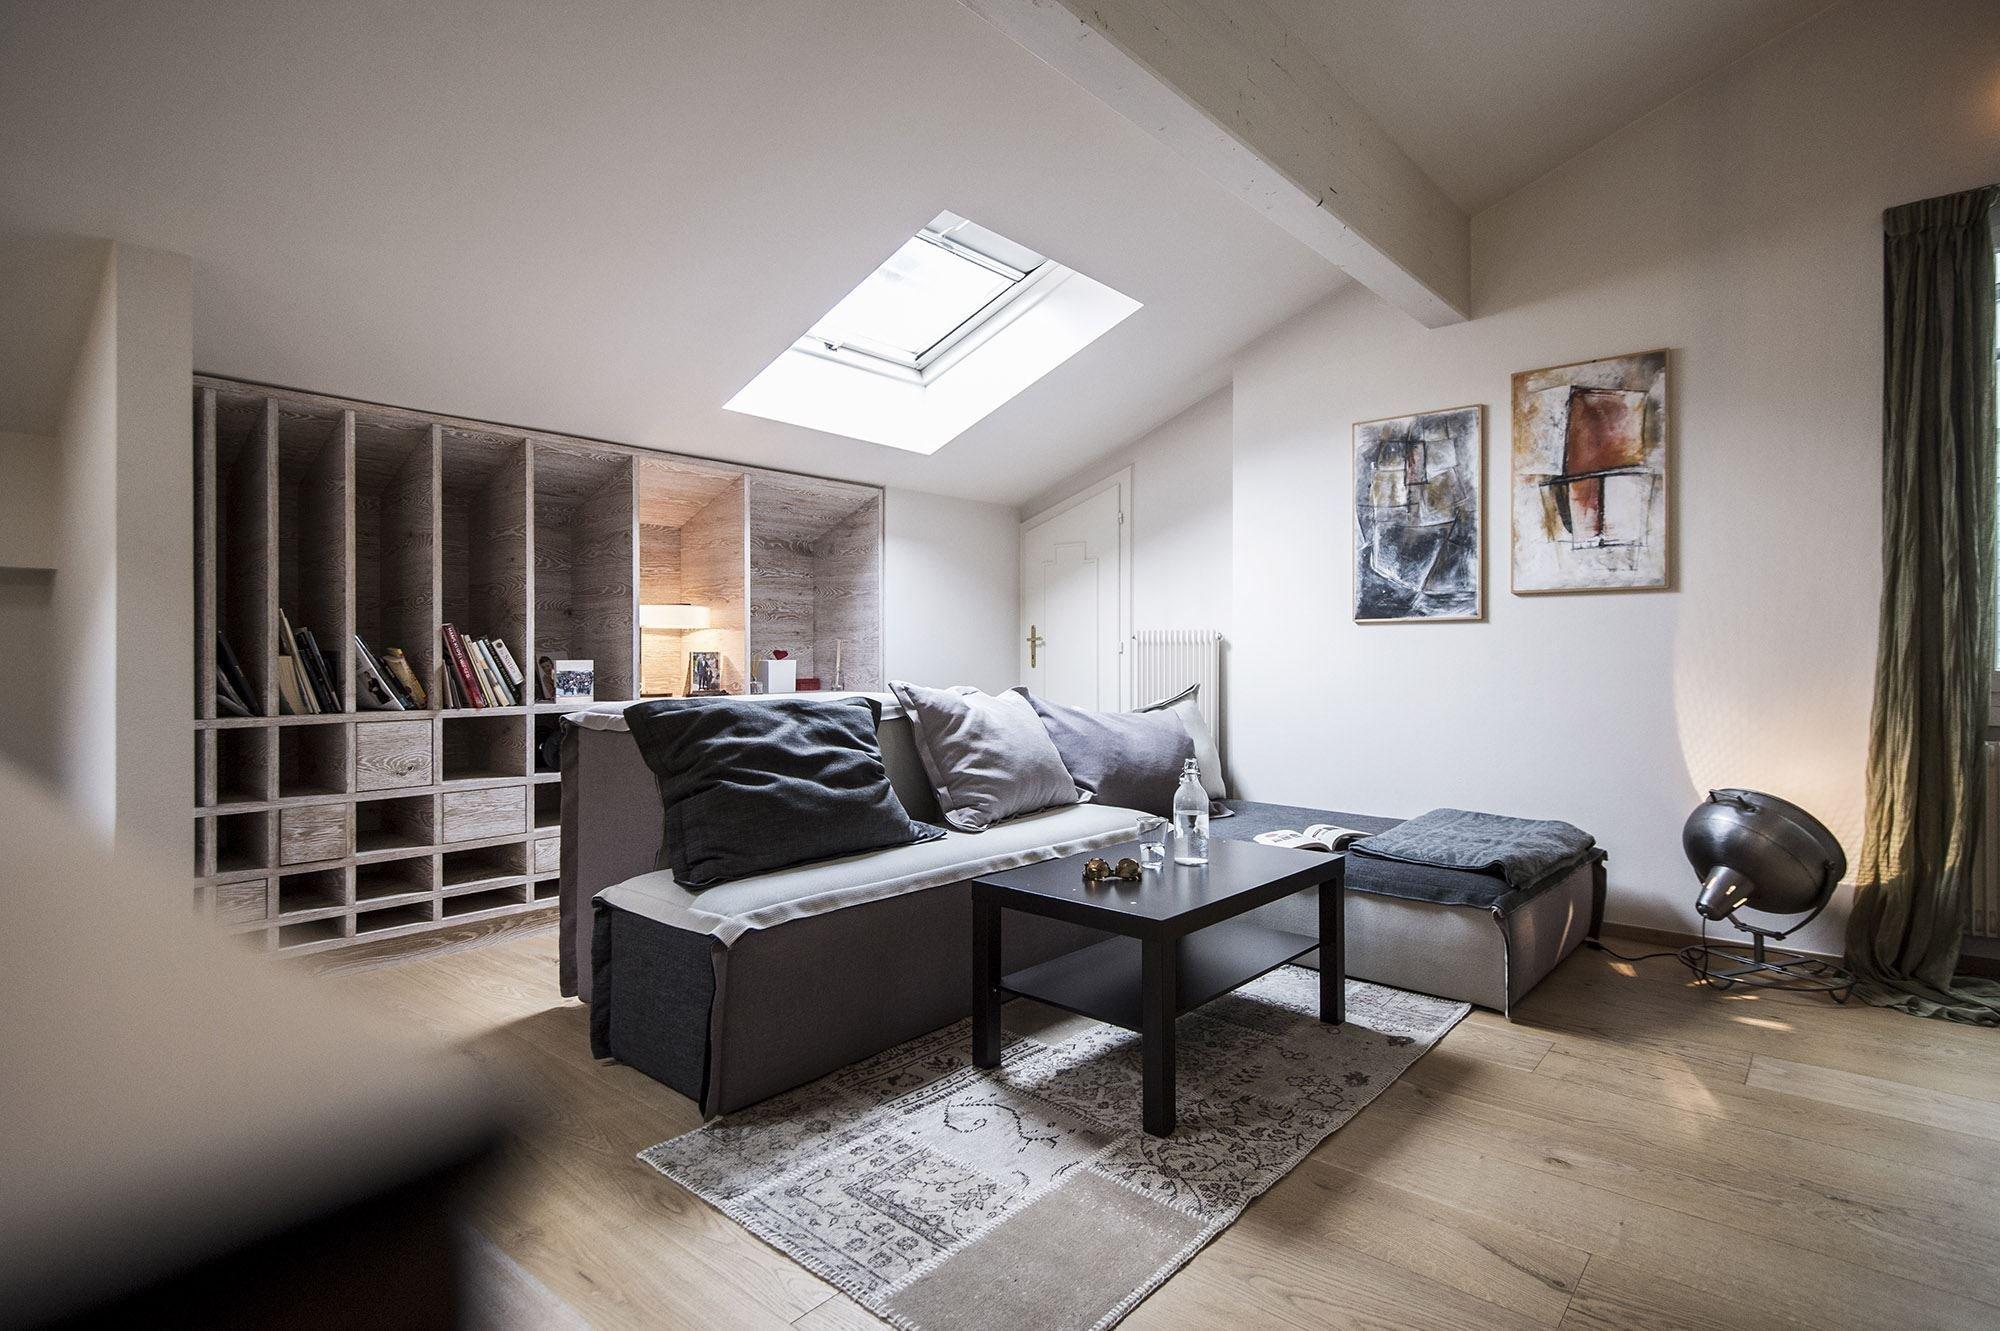 Dvoupokojový byt s unikátní atmosférou